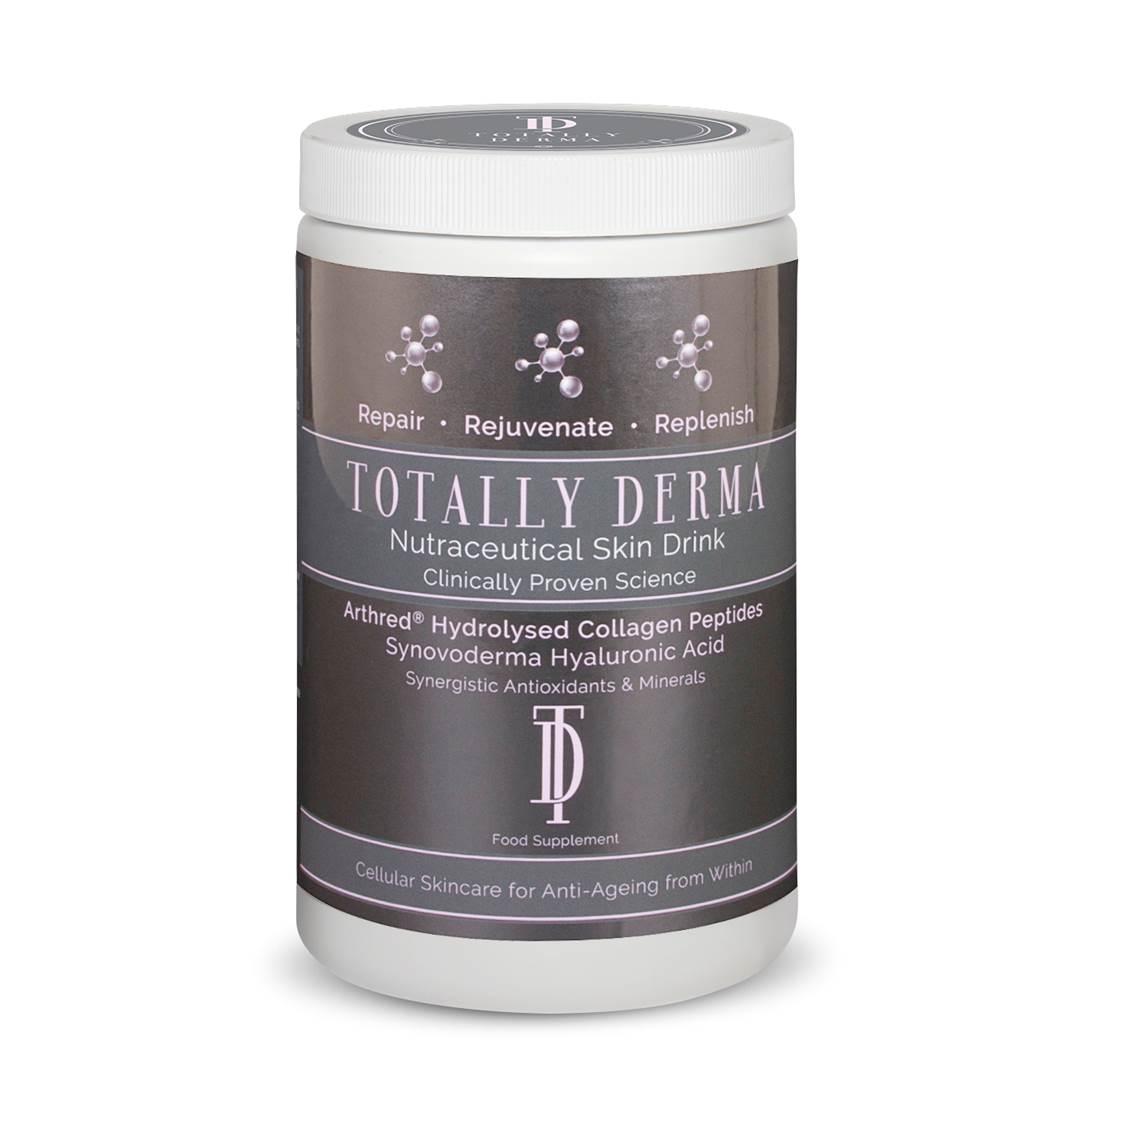 How Does Totally Derma® Work? | Arthred Collagen Powder UK